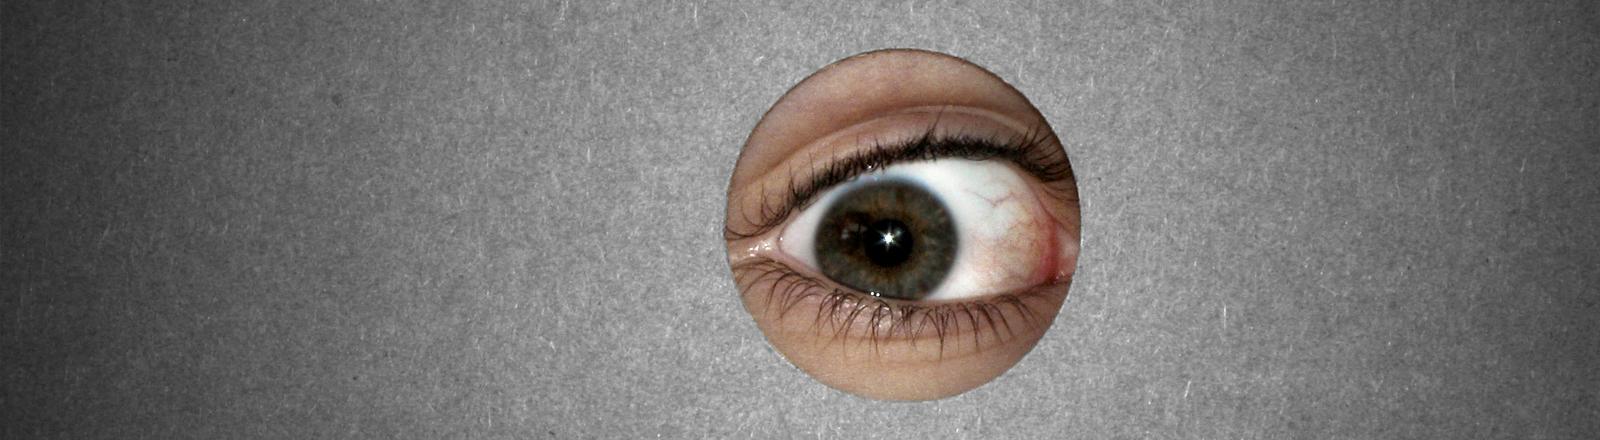 Durch ein Loch in einer Wand ist ein Auge sichtbar, das spioniert